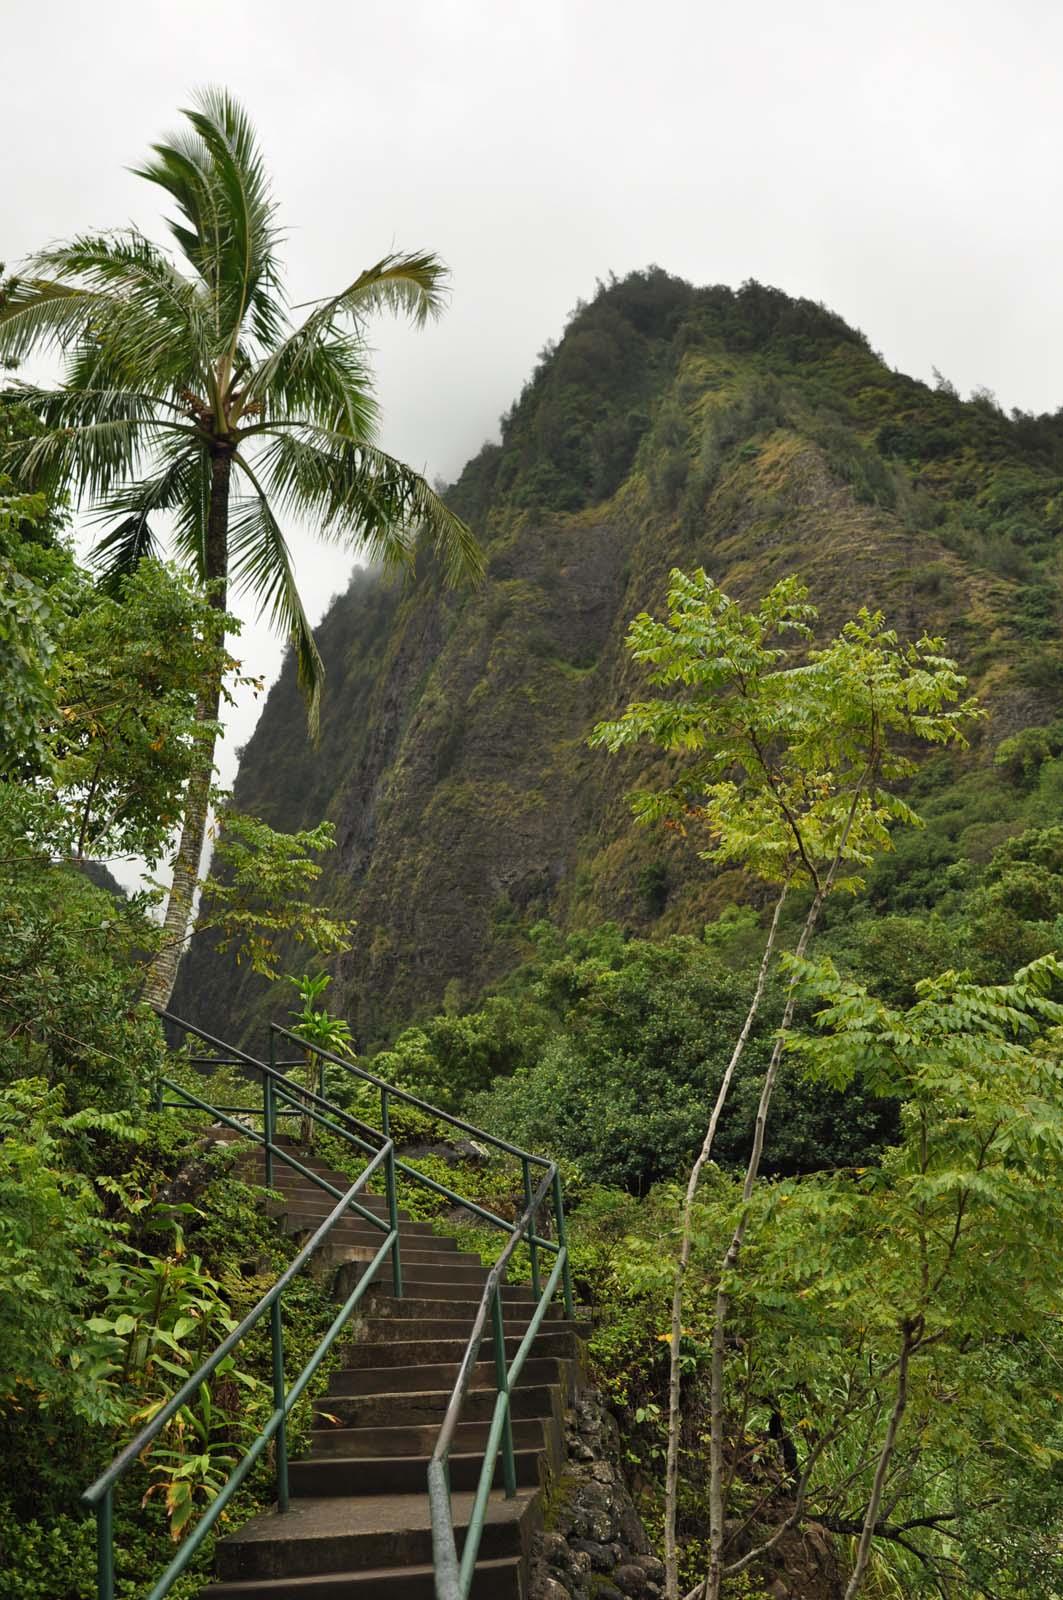 009_iao_valley_maui_hawaii